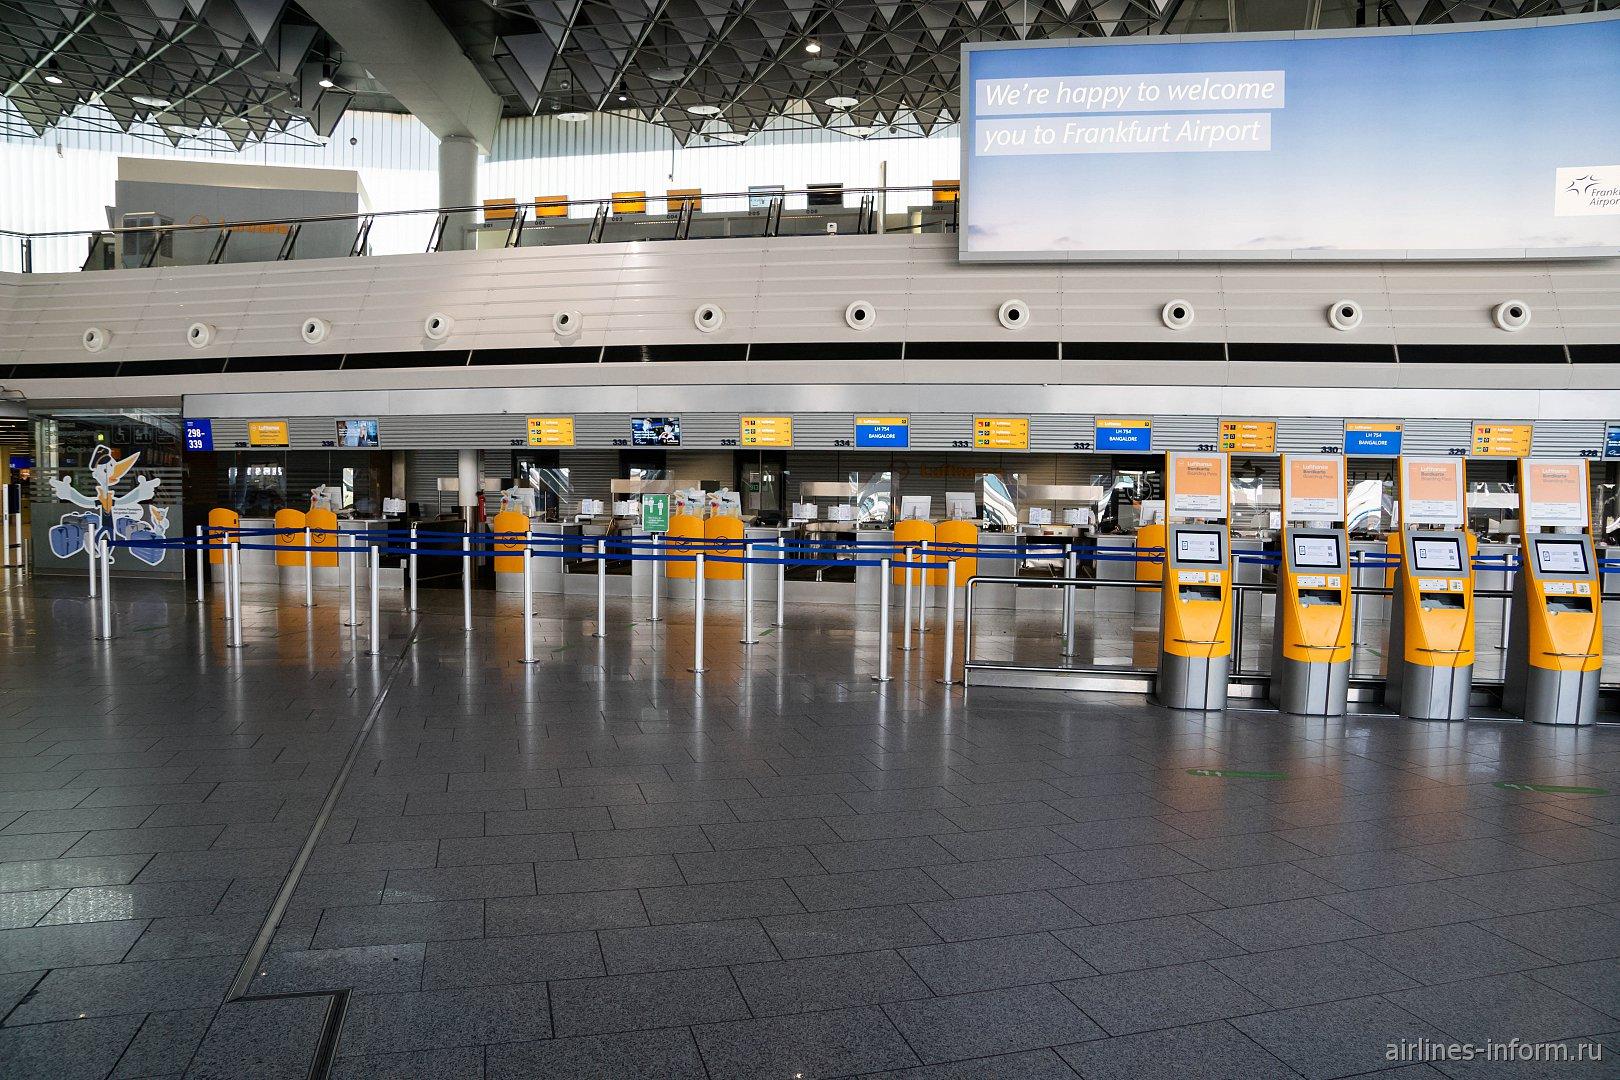 Зона регистрации авиакомпании Lufthansa в терминале 1 аэропорта Франкфурт